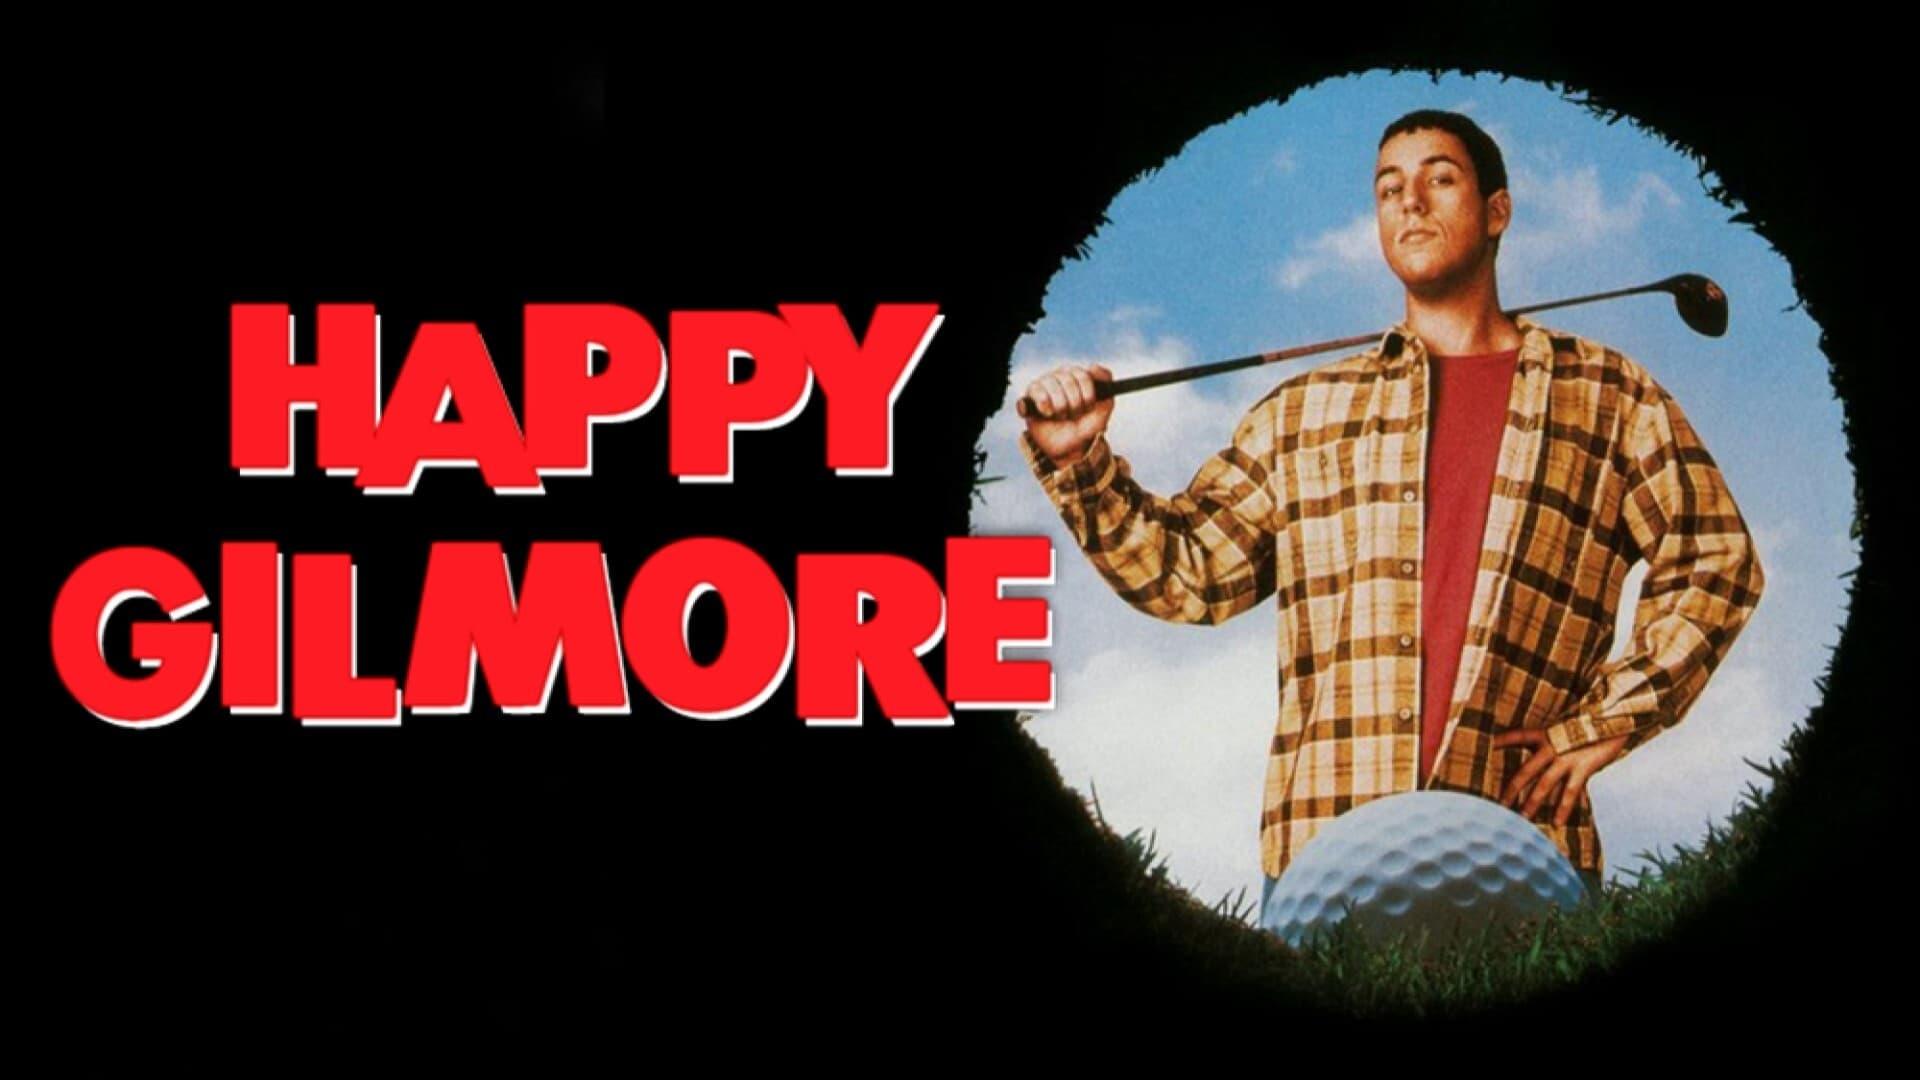 Happy Gilmore Ganzer Film Deutsch